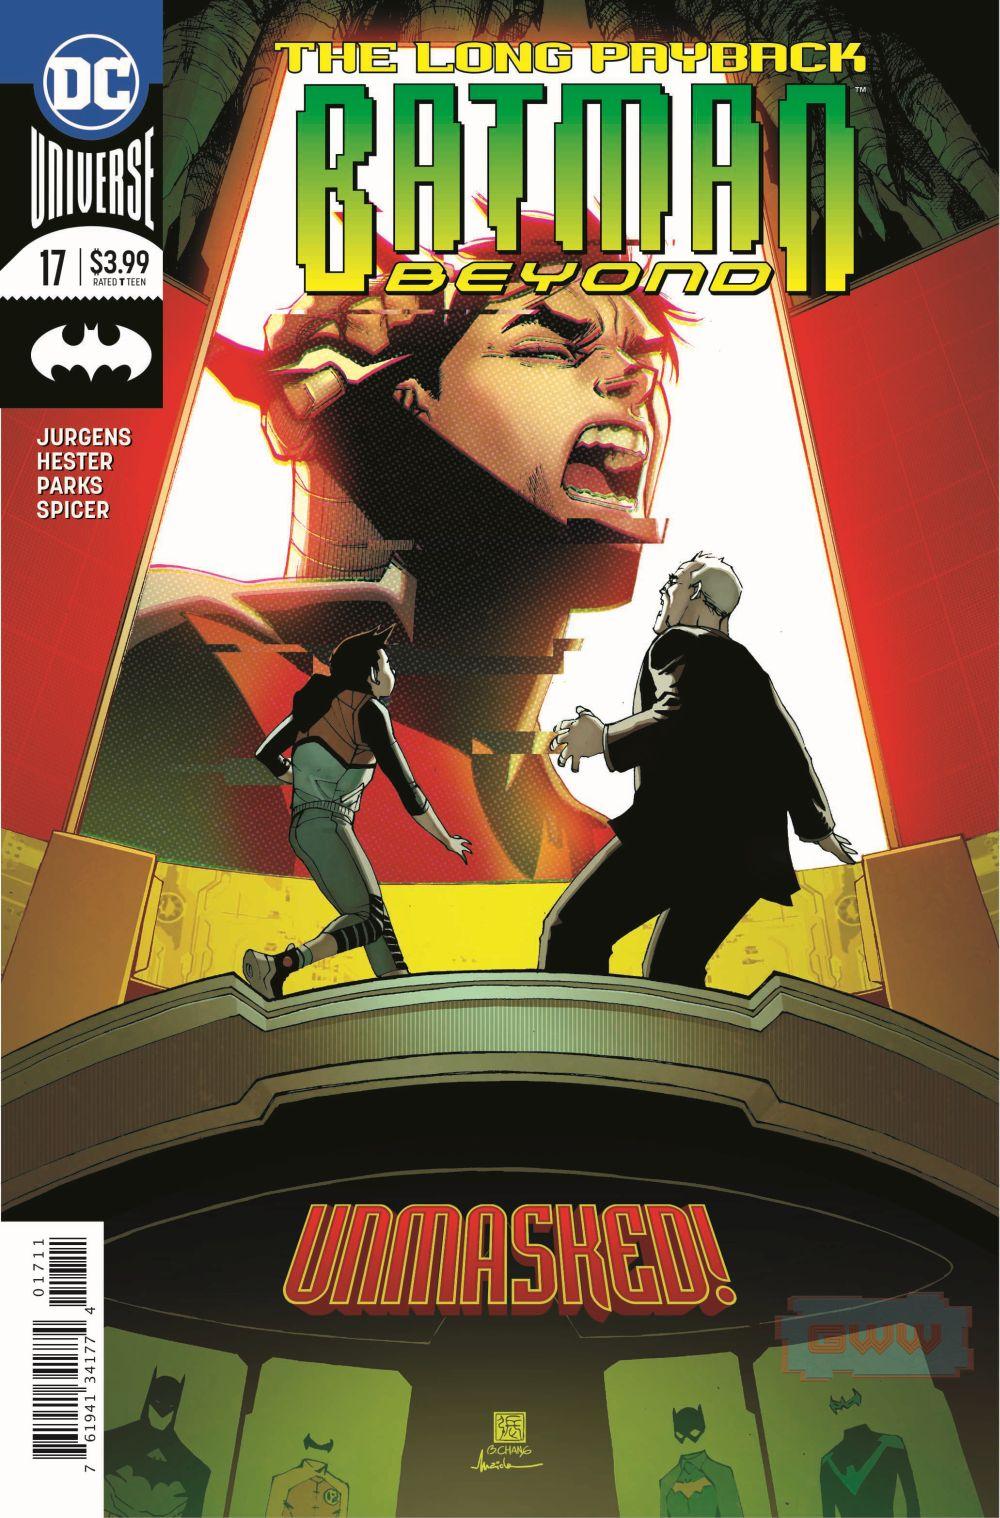 BATMAN BEYOND #17 (EXCLUSIVE PREVIEW)